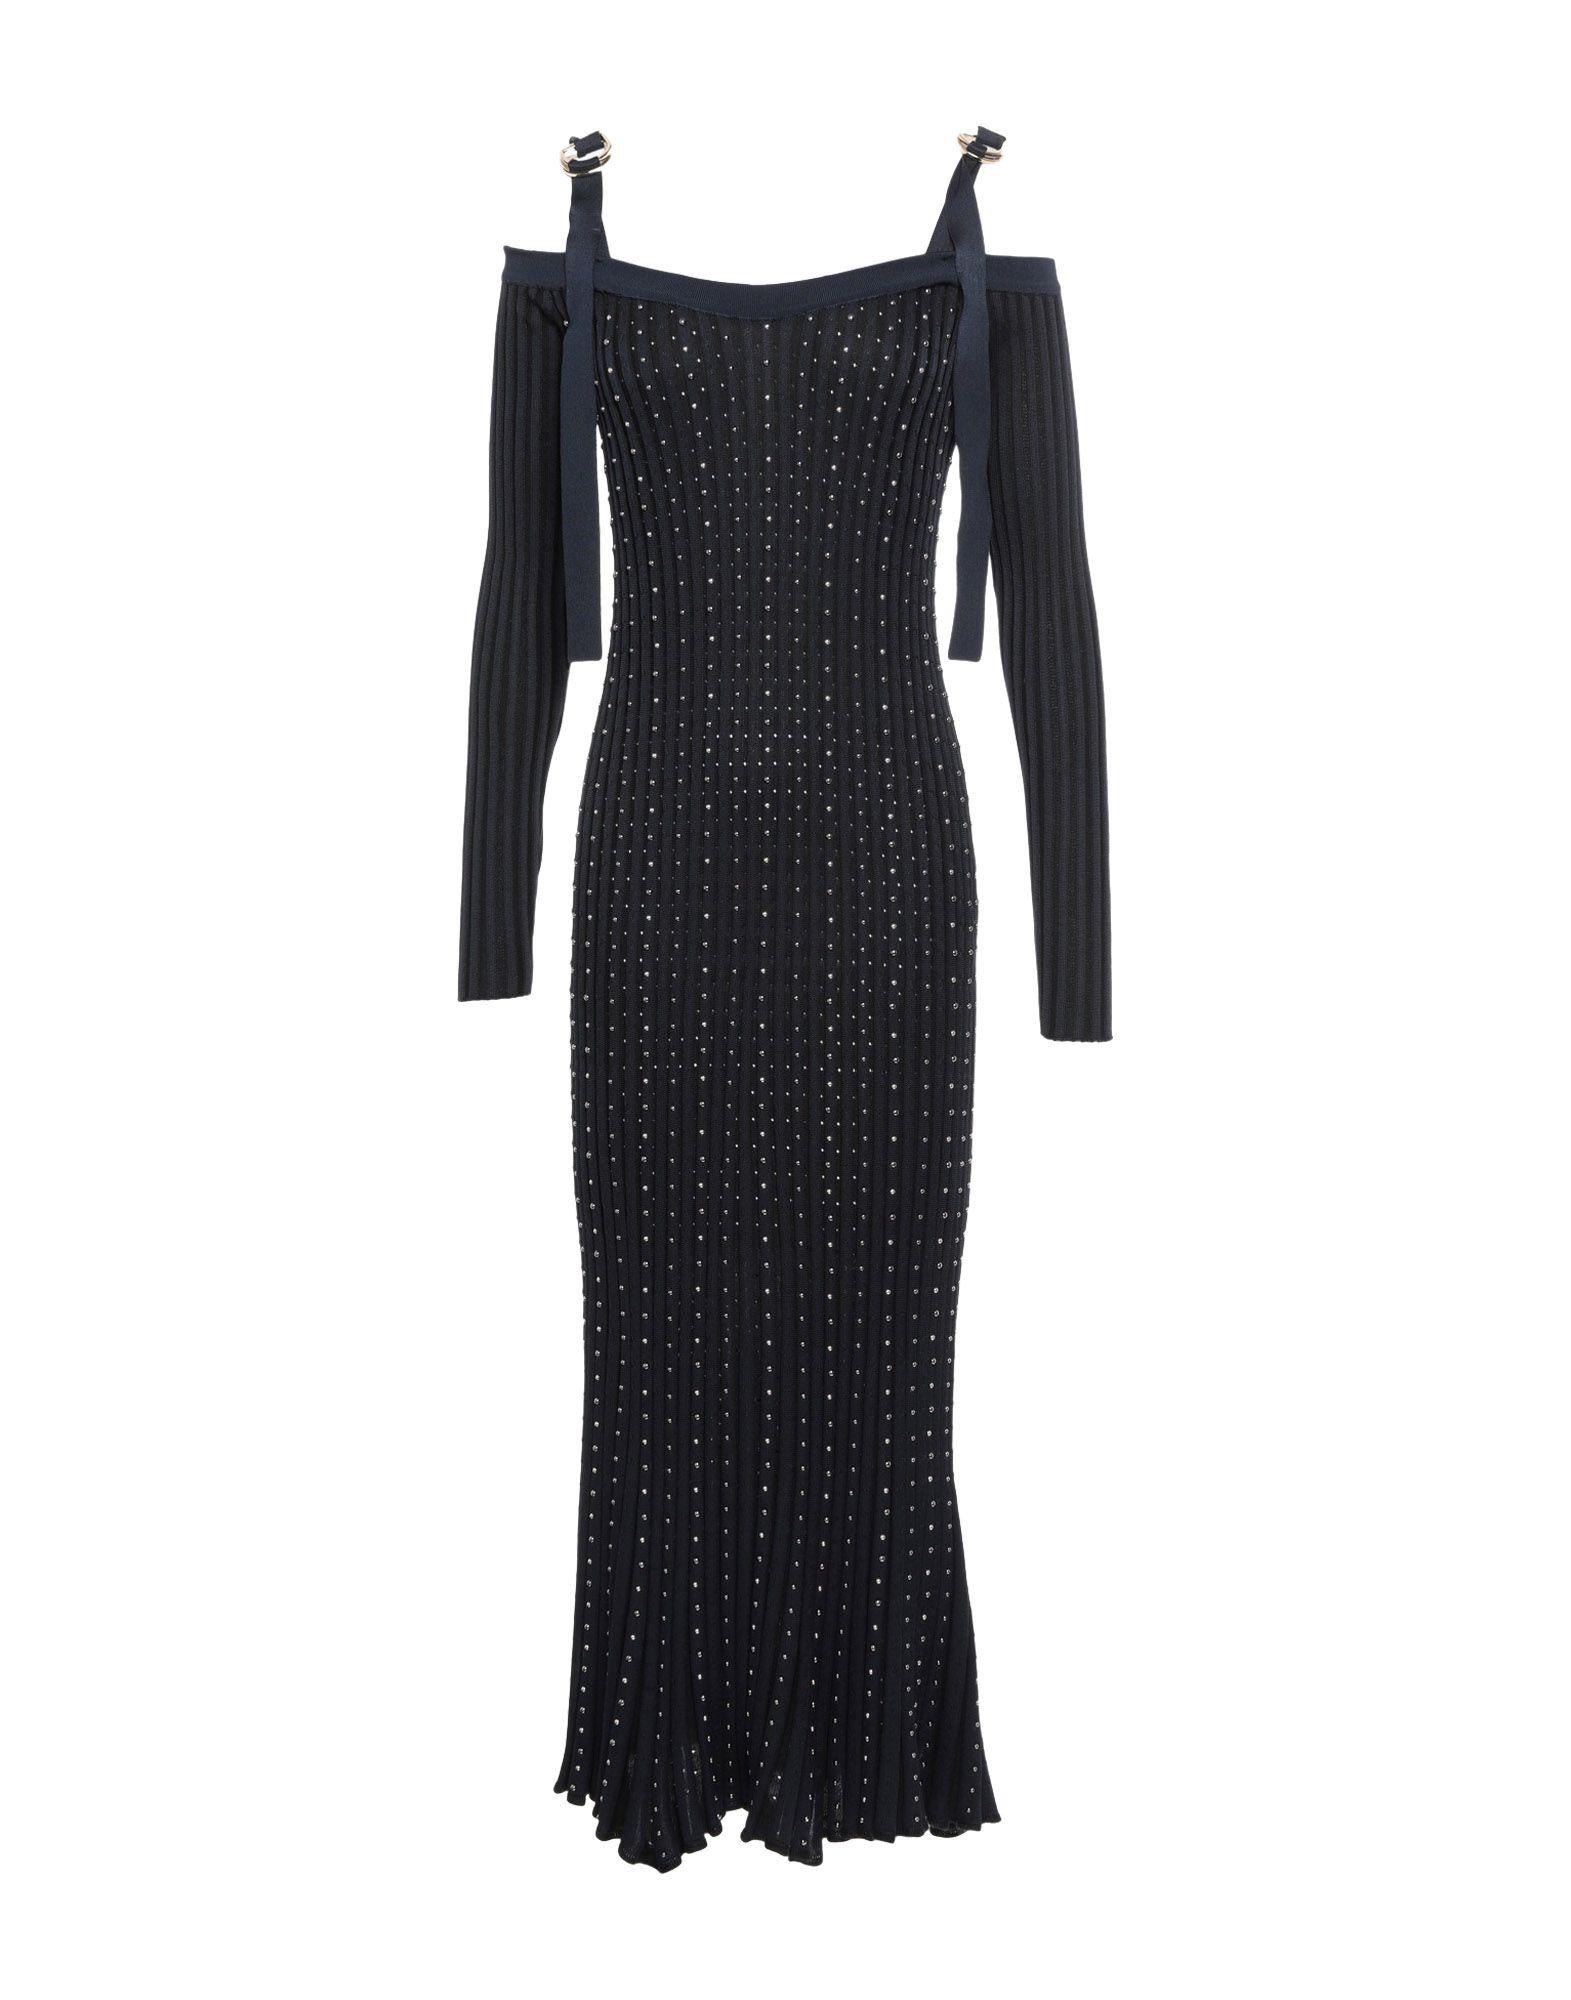 Фото - VERSACE Платье длиной 3/4 versus versace платье длиной 3 4